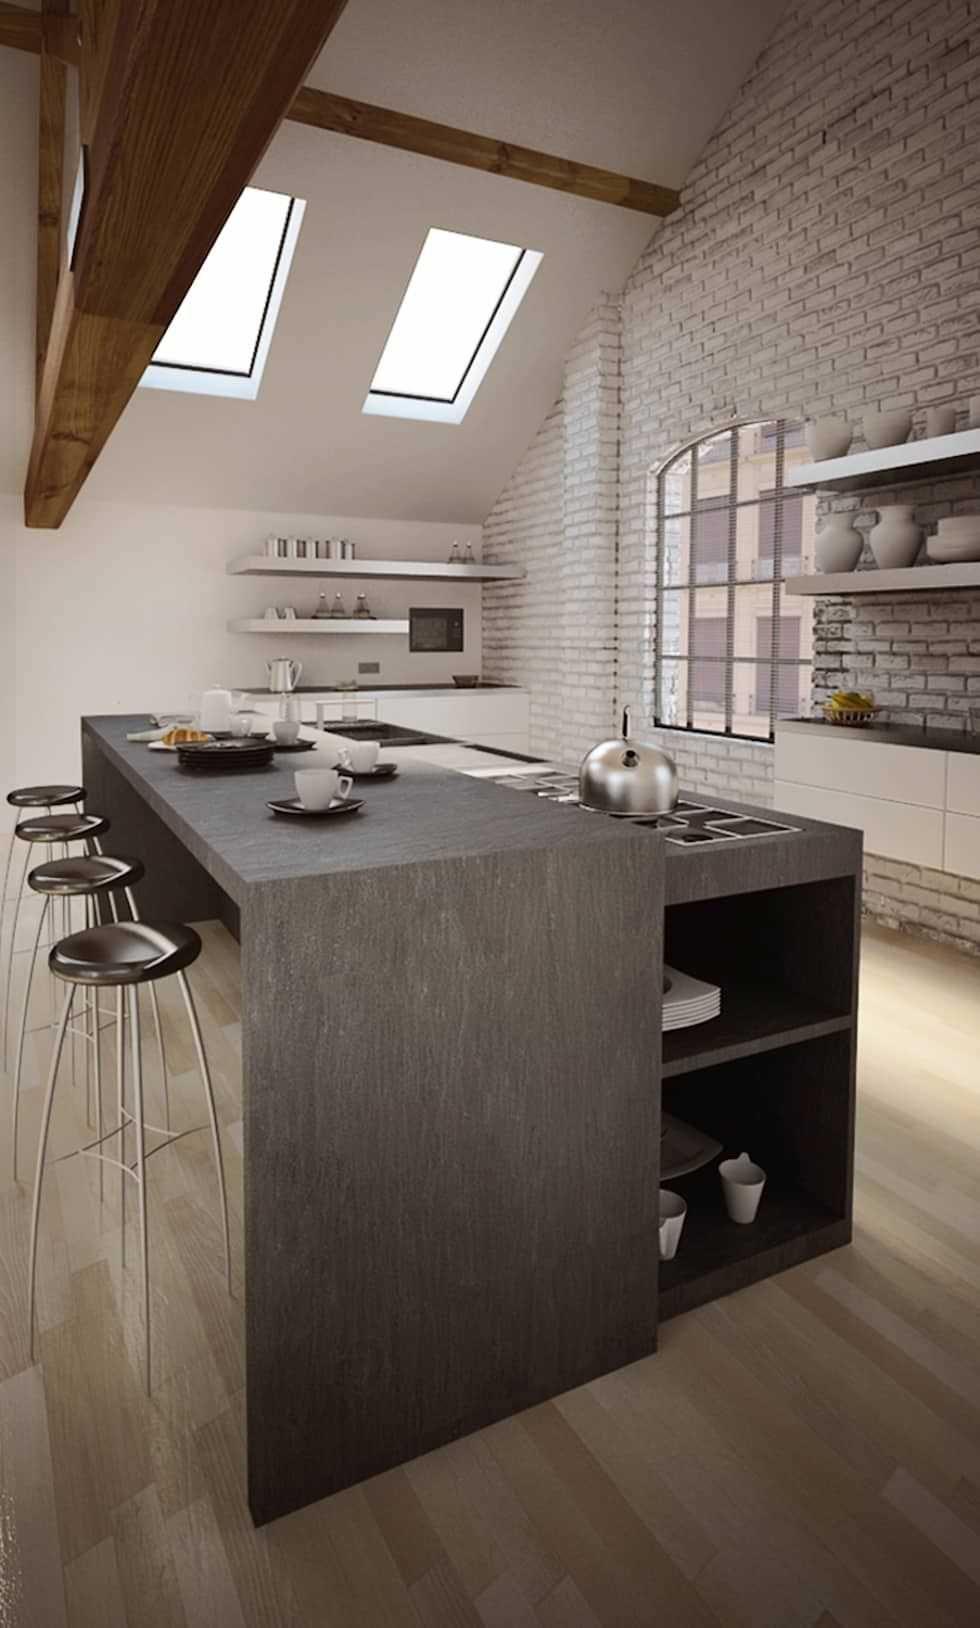 100 idee cucine con isola moderne e funzionali cucina for Cucine di design con isola